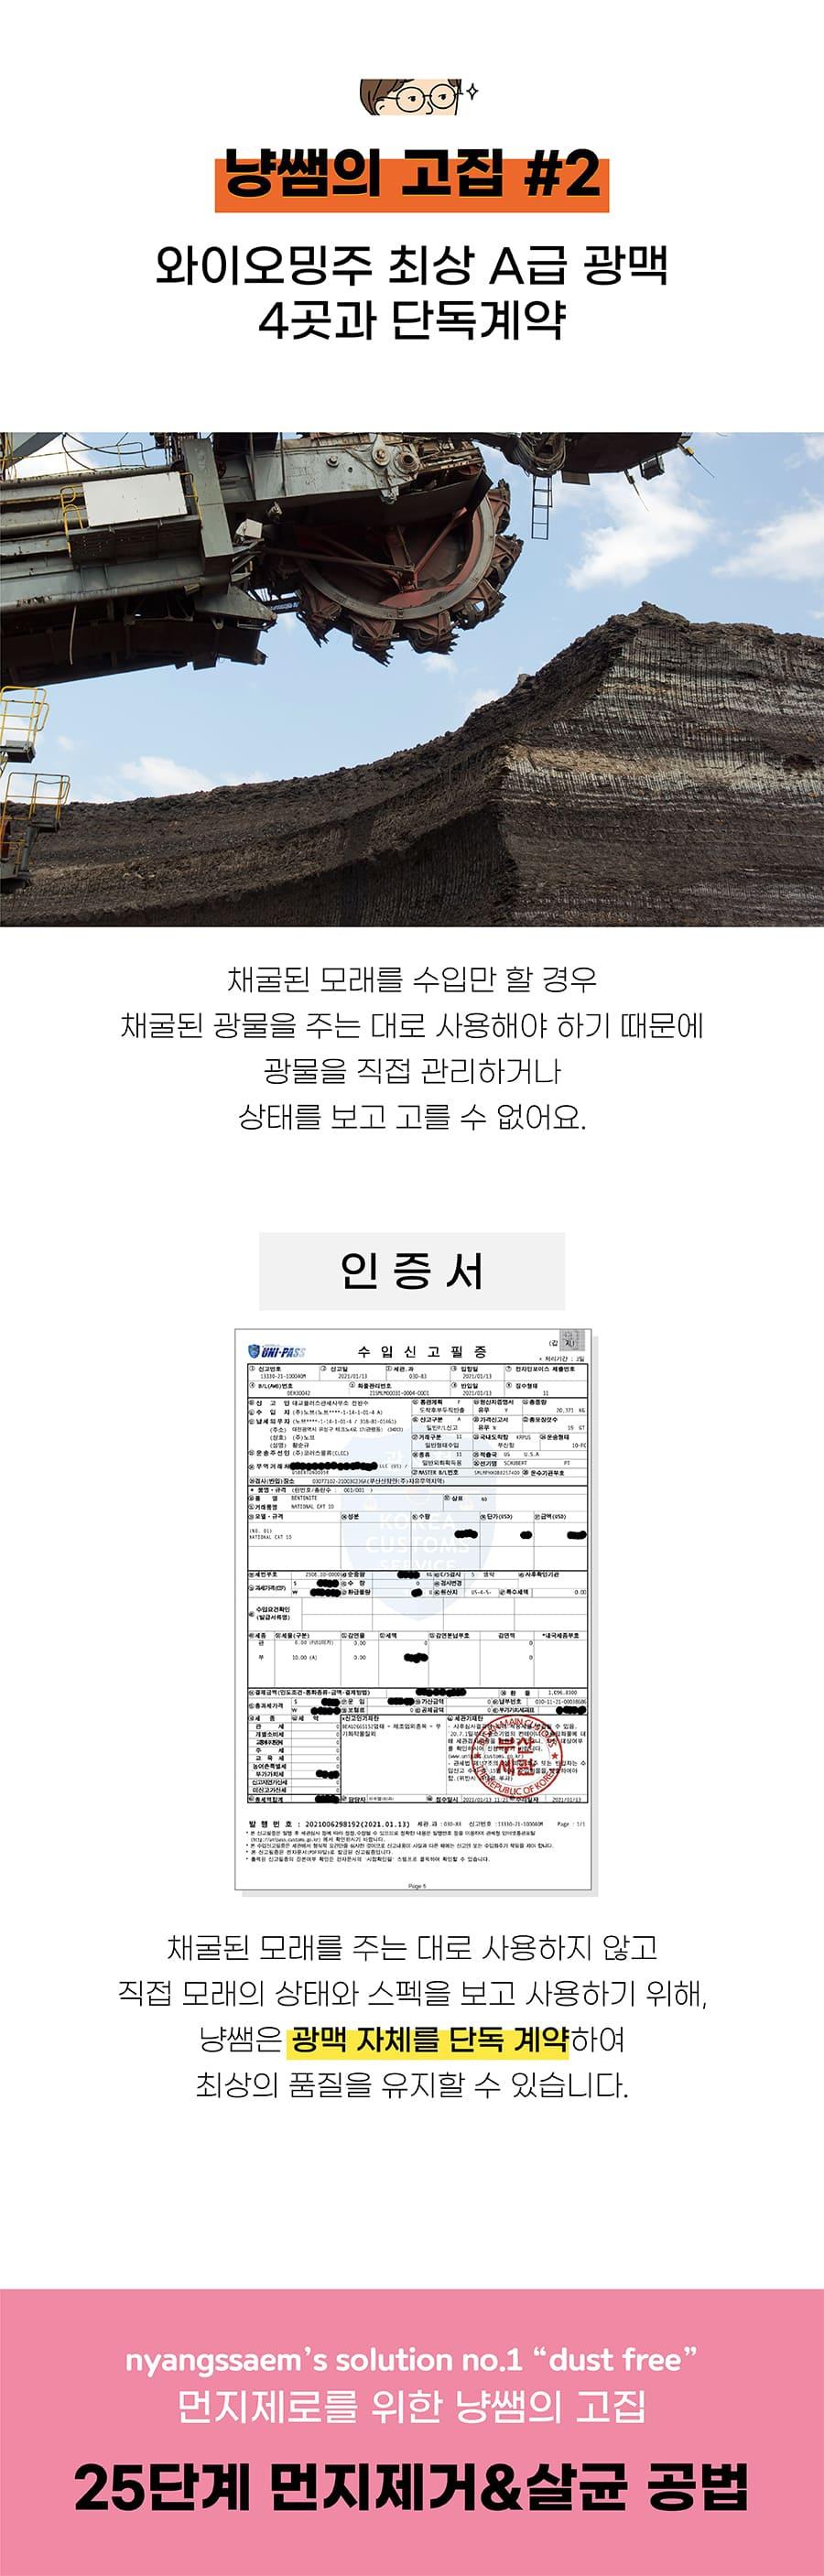 냥쌤 더스트제로 벤토나이트 모래 6kg (무향/피톤치드향)-상품이미지-10